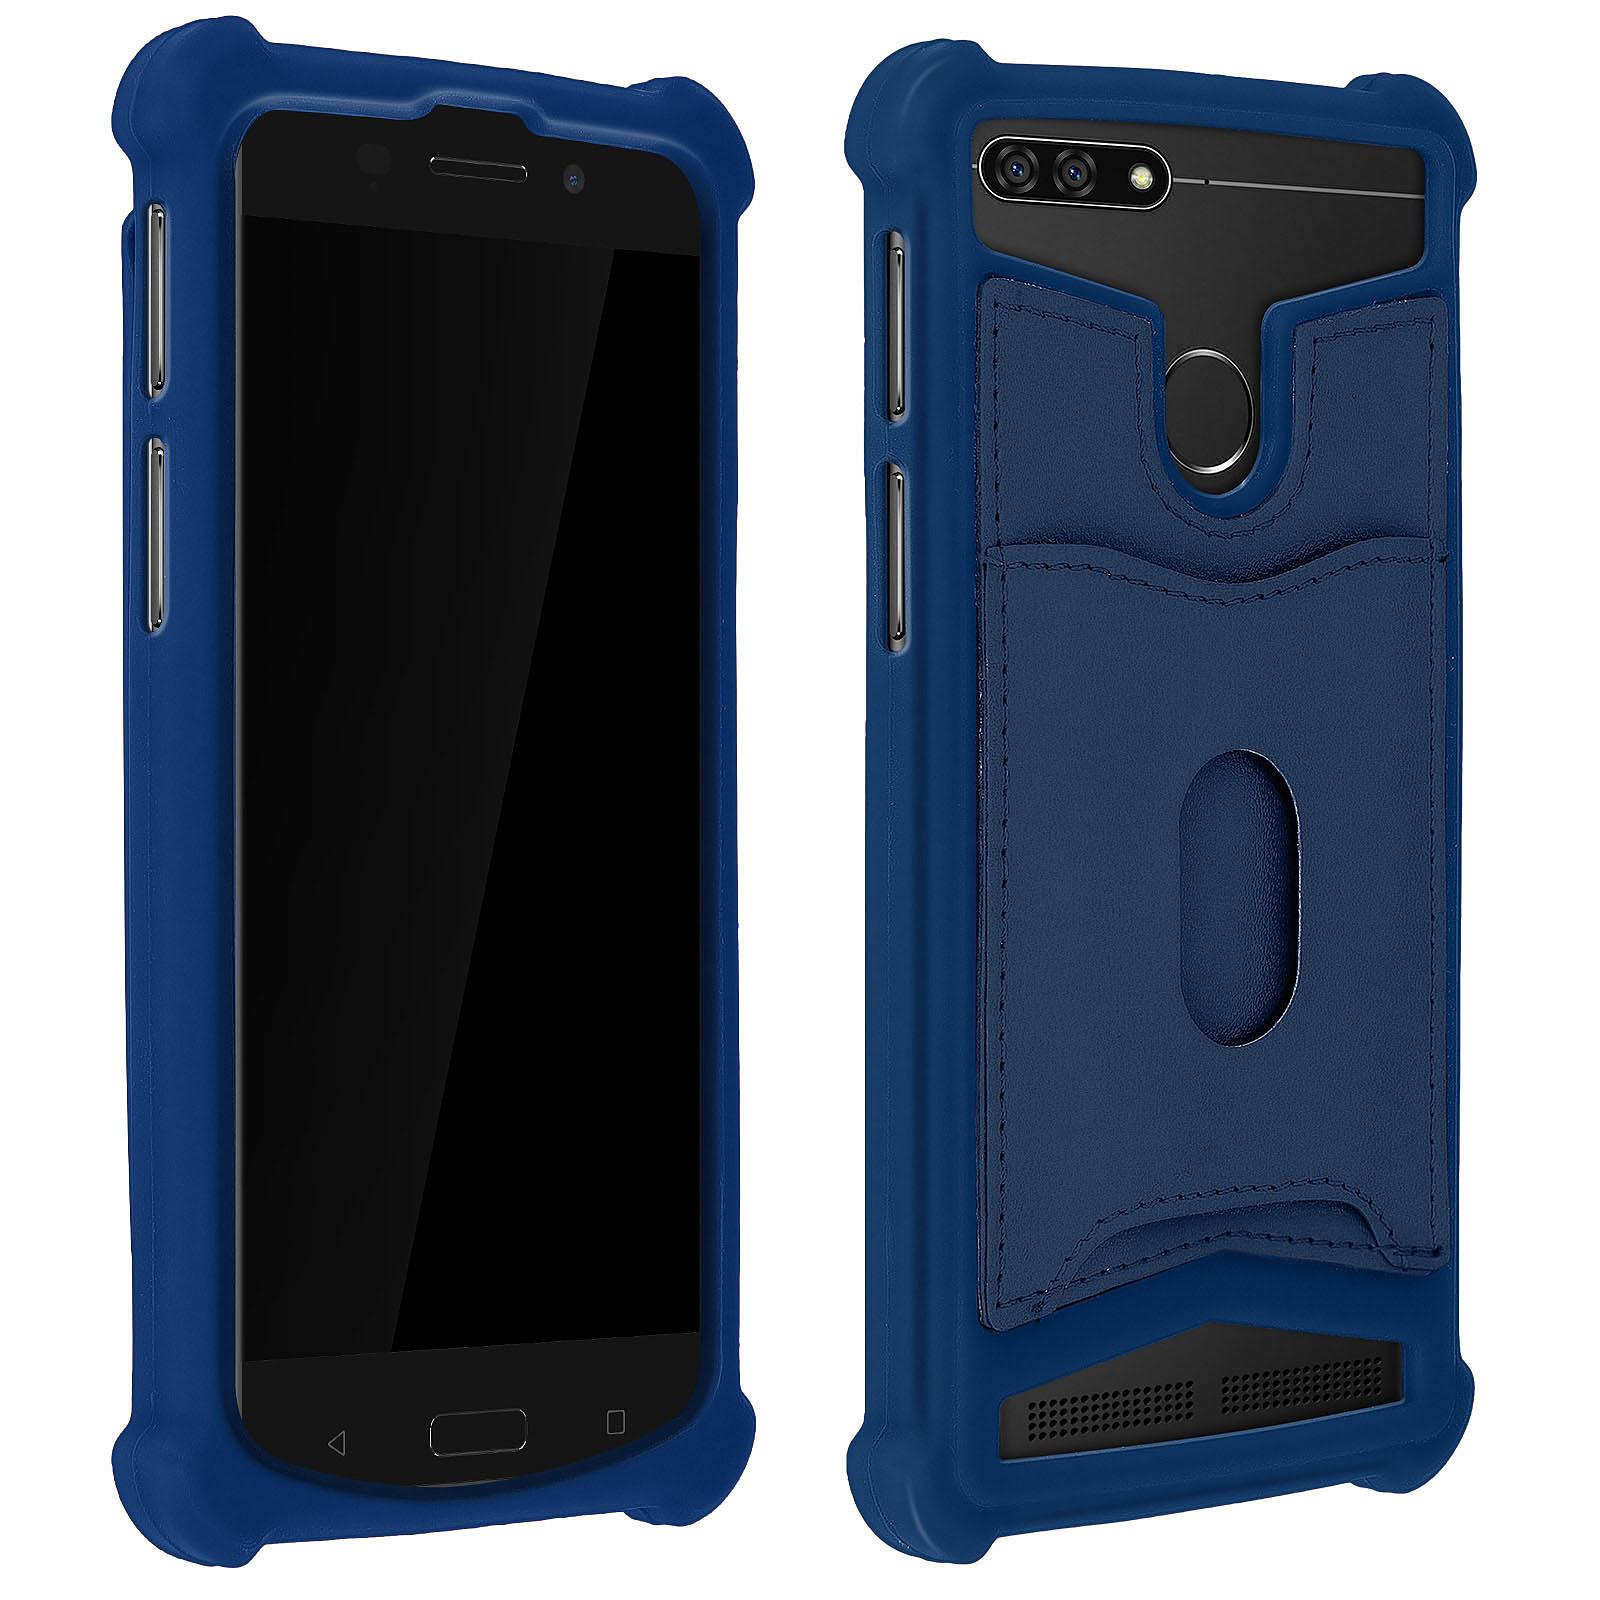 Avizar Coque Bleu Nuit pour Compatibles avec Smartphones de 5,3 à 5,5 pouces